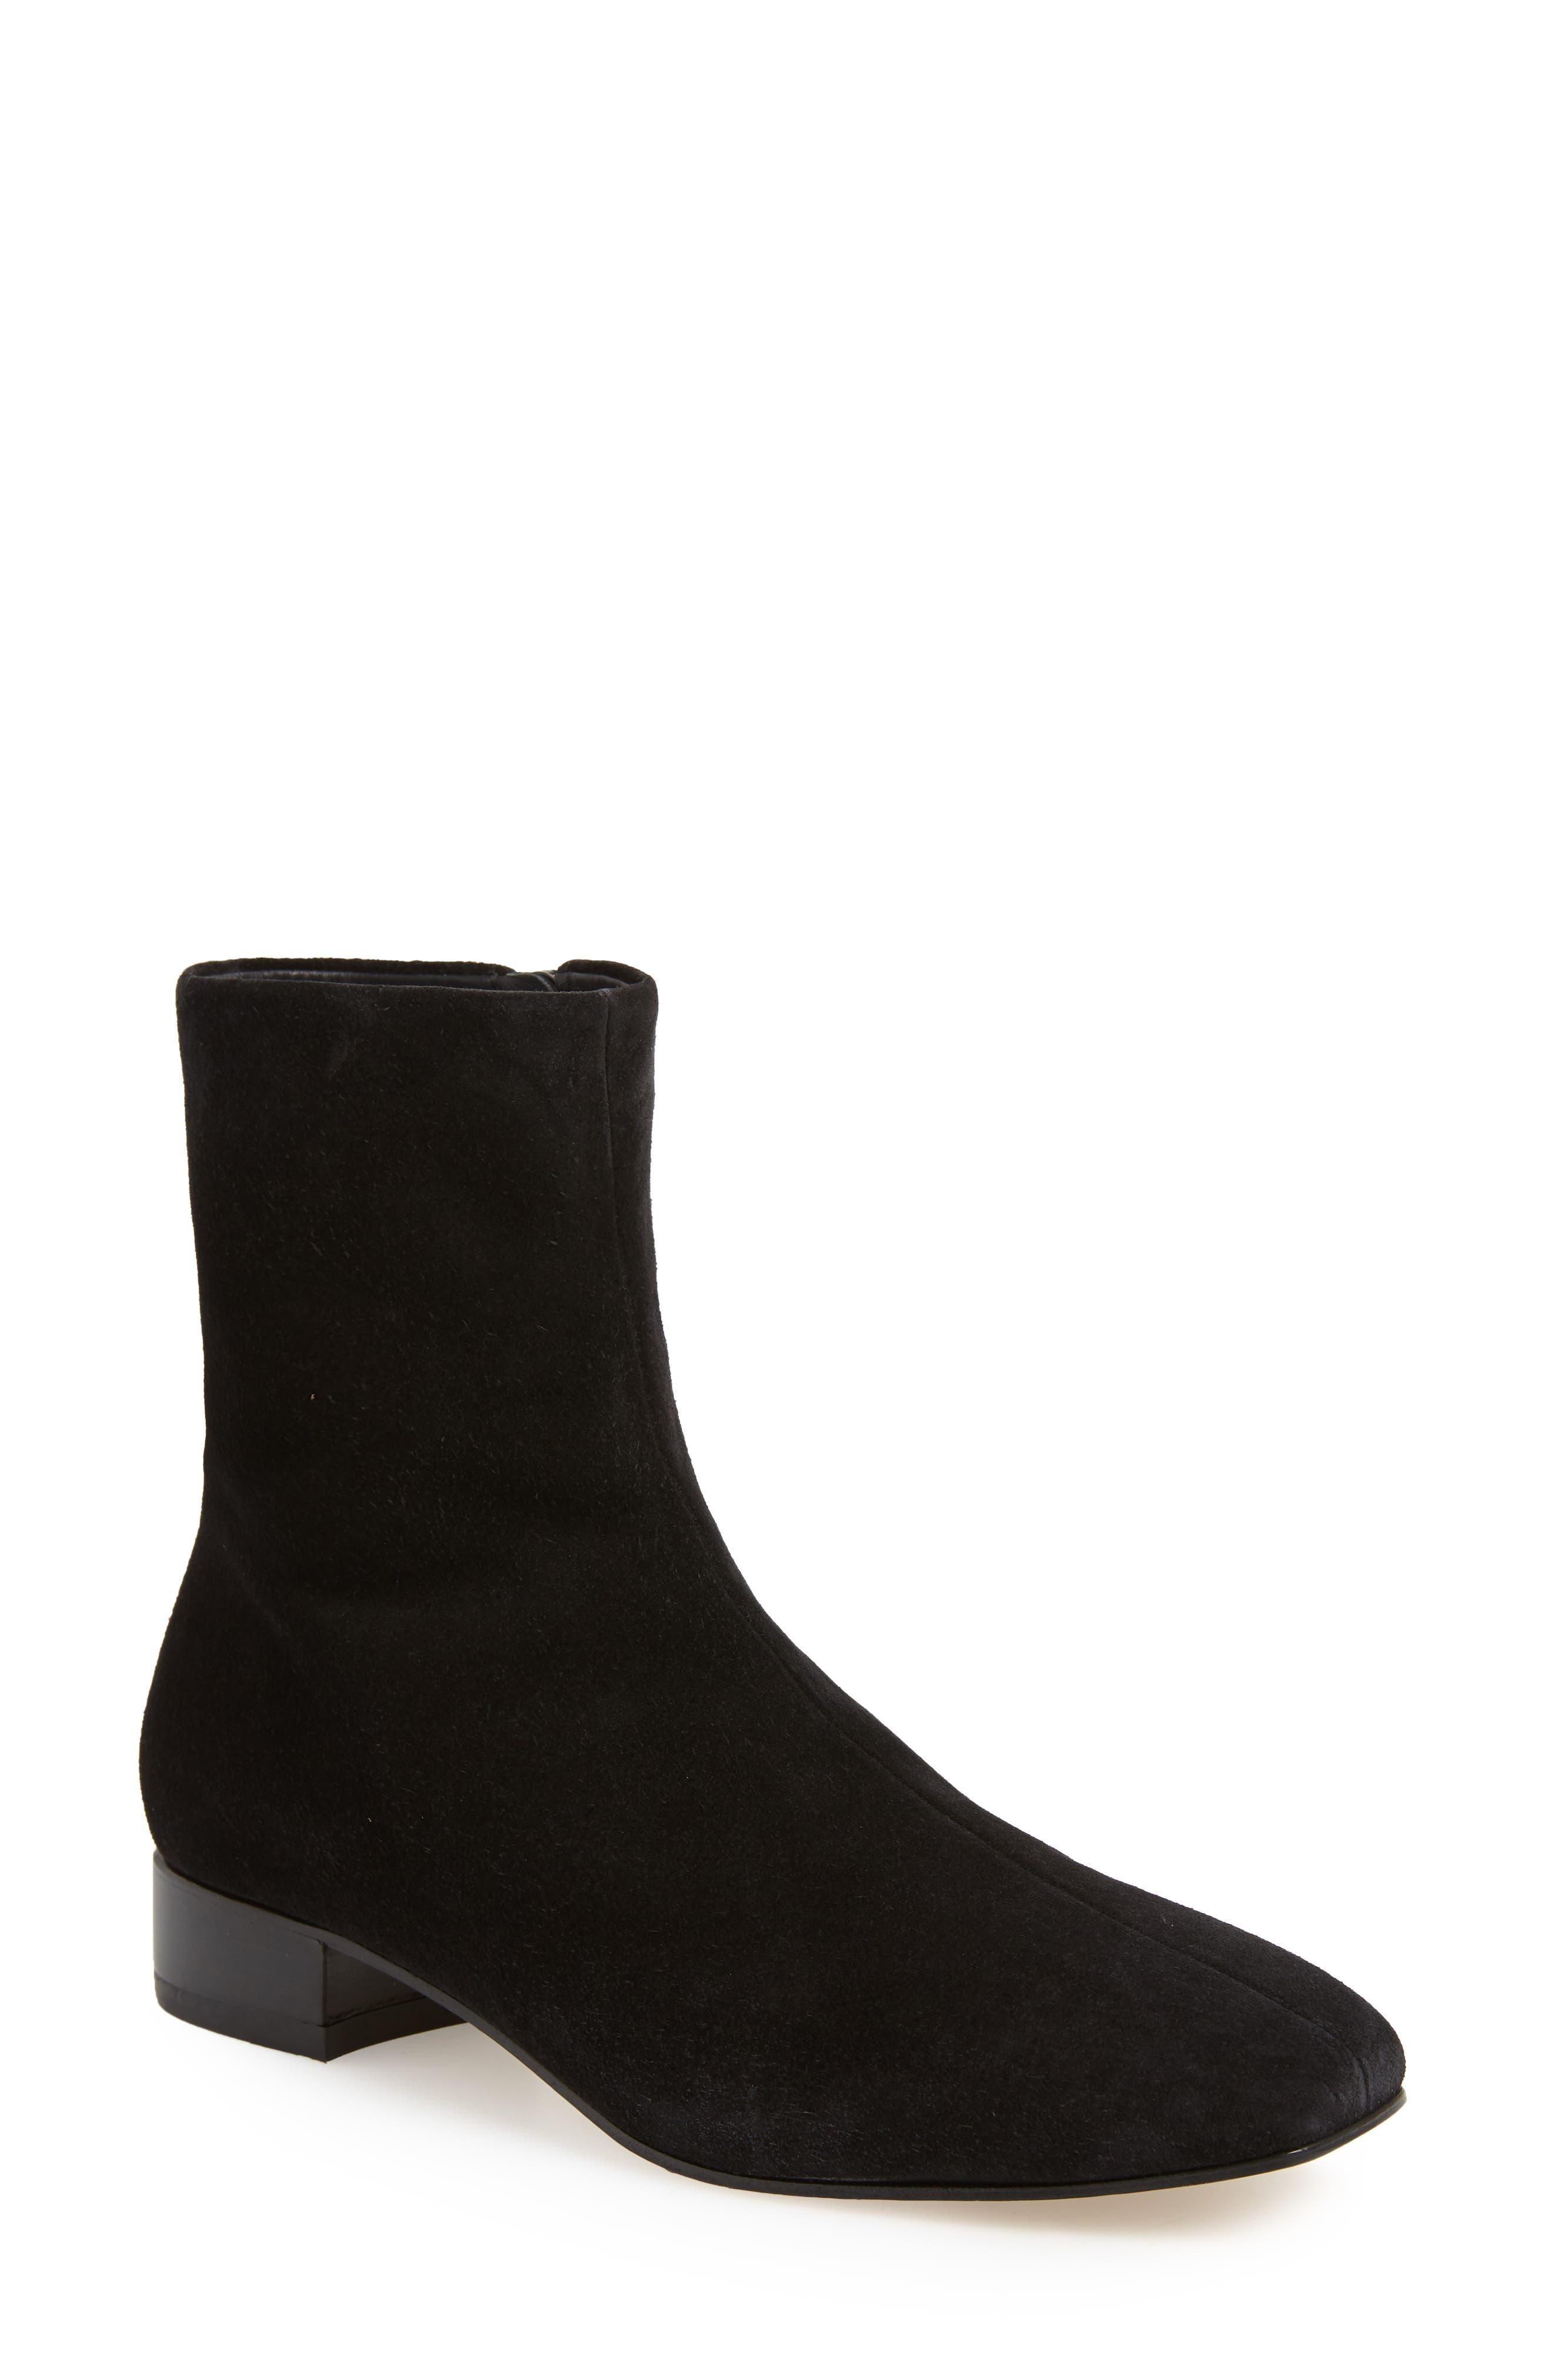 Rag & Bone Aslen Boot, Black